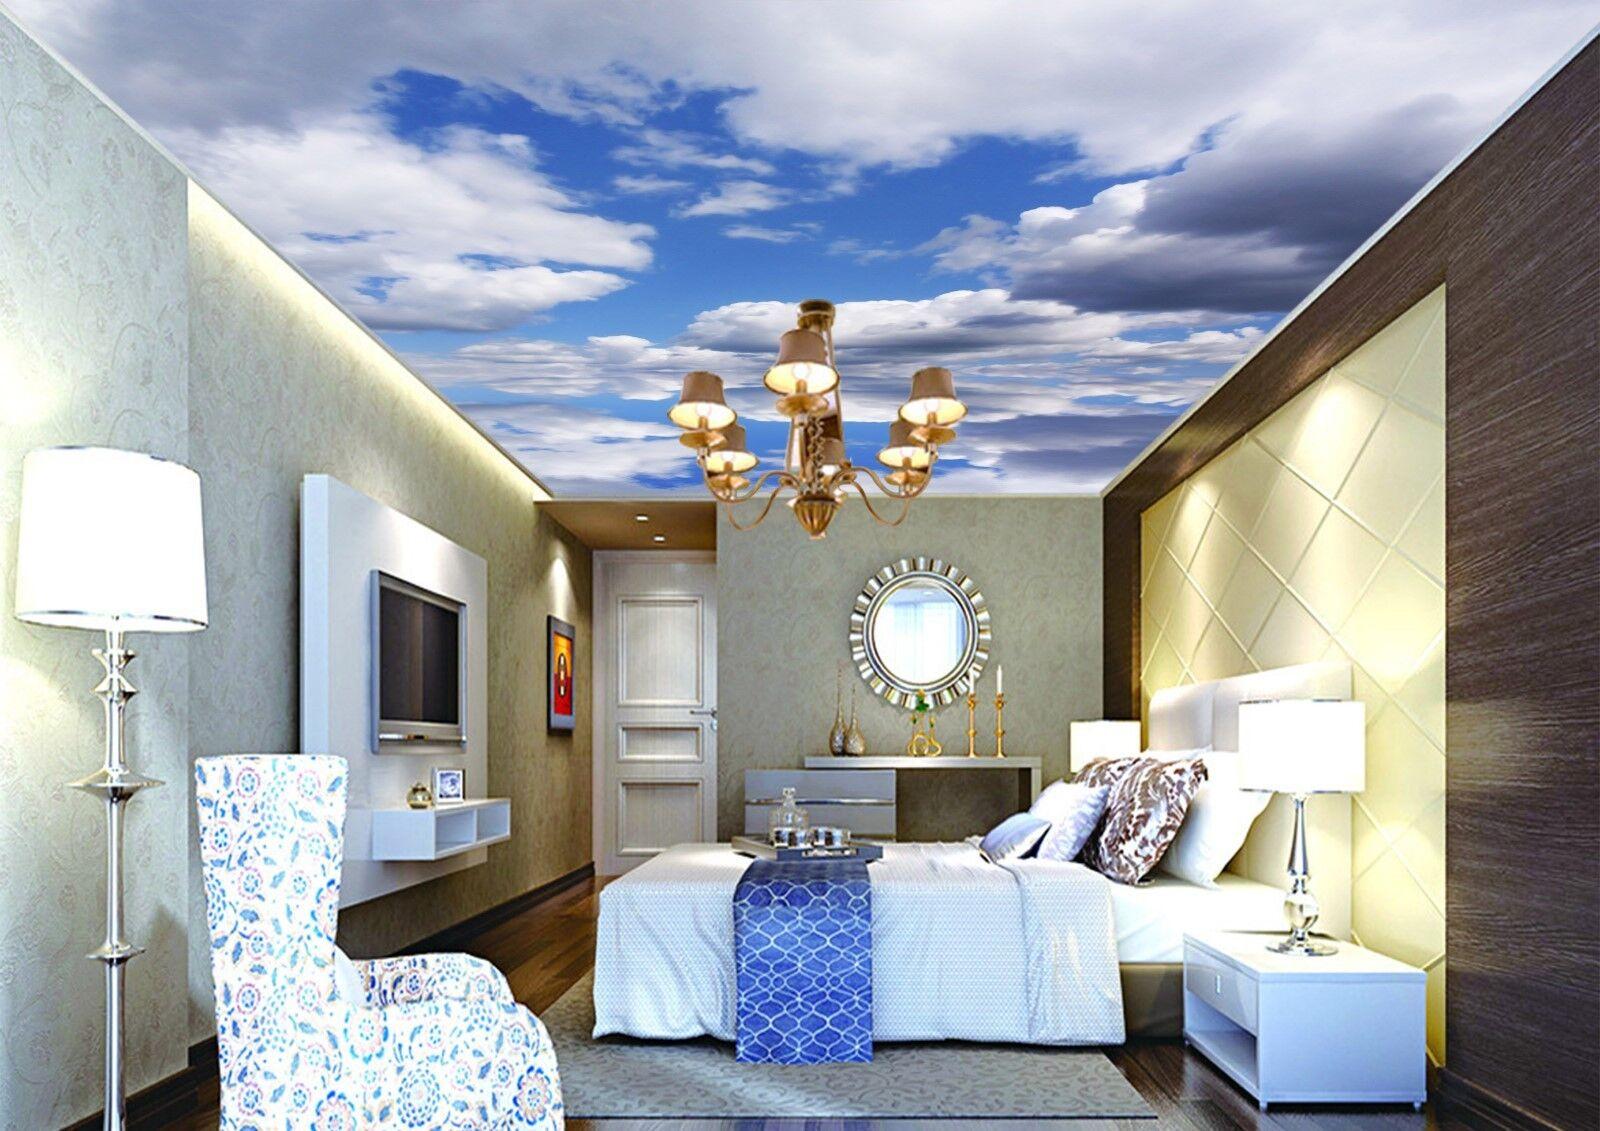 3D Seltsame Wolken 74 Fototapeten Wandbild Fototapete BildTapete Familie DE Kyra